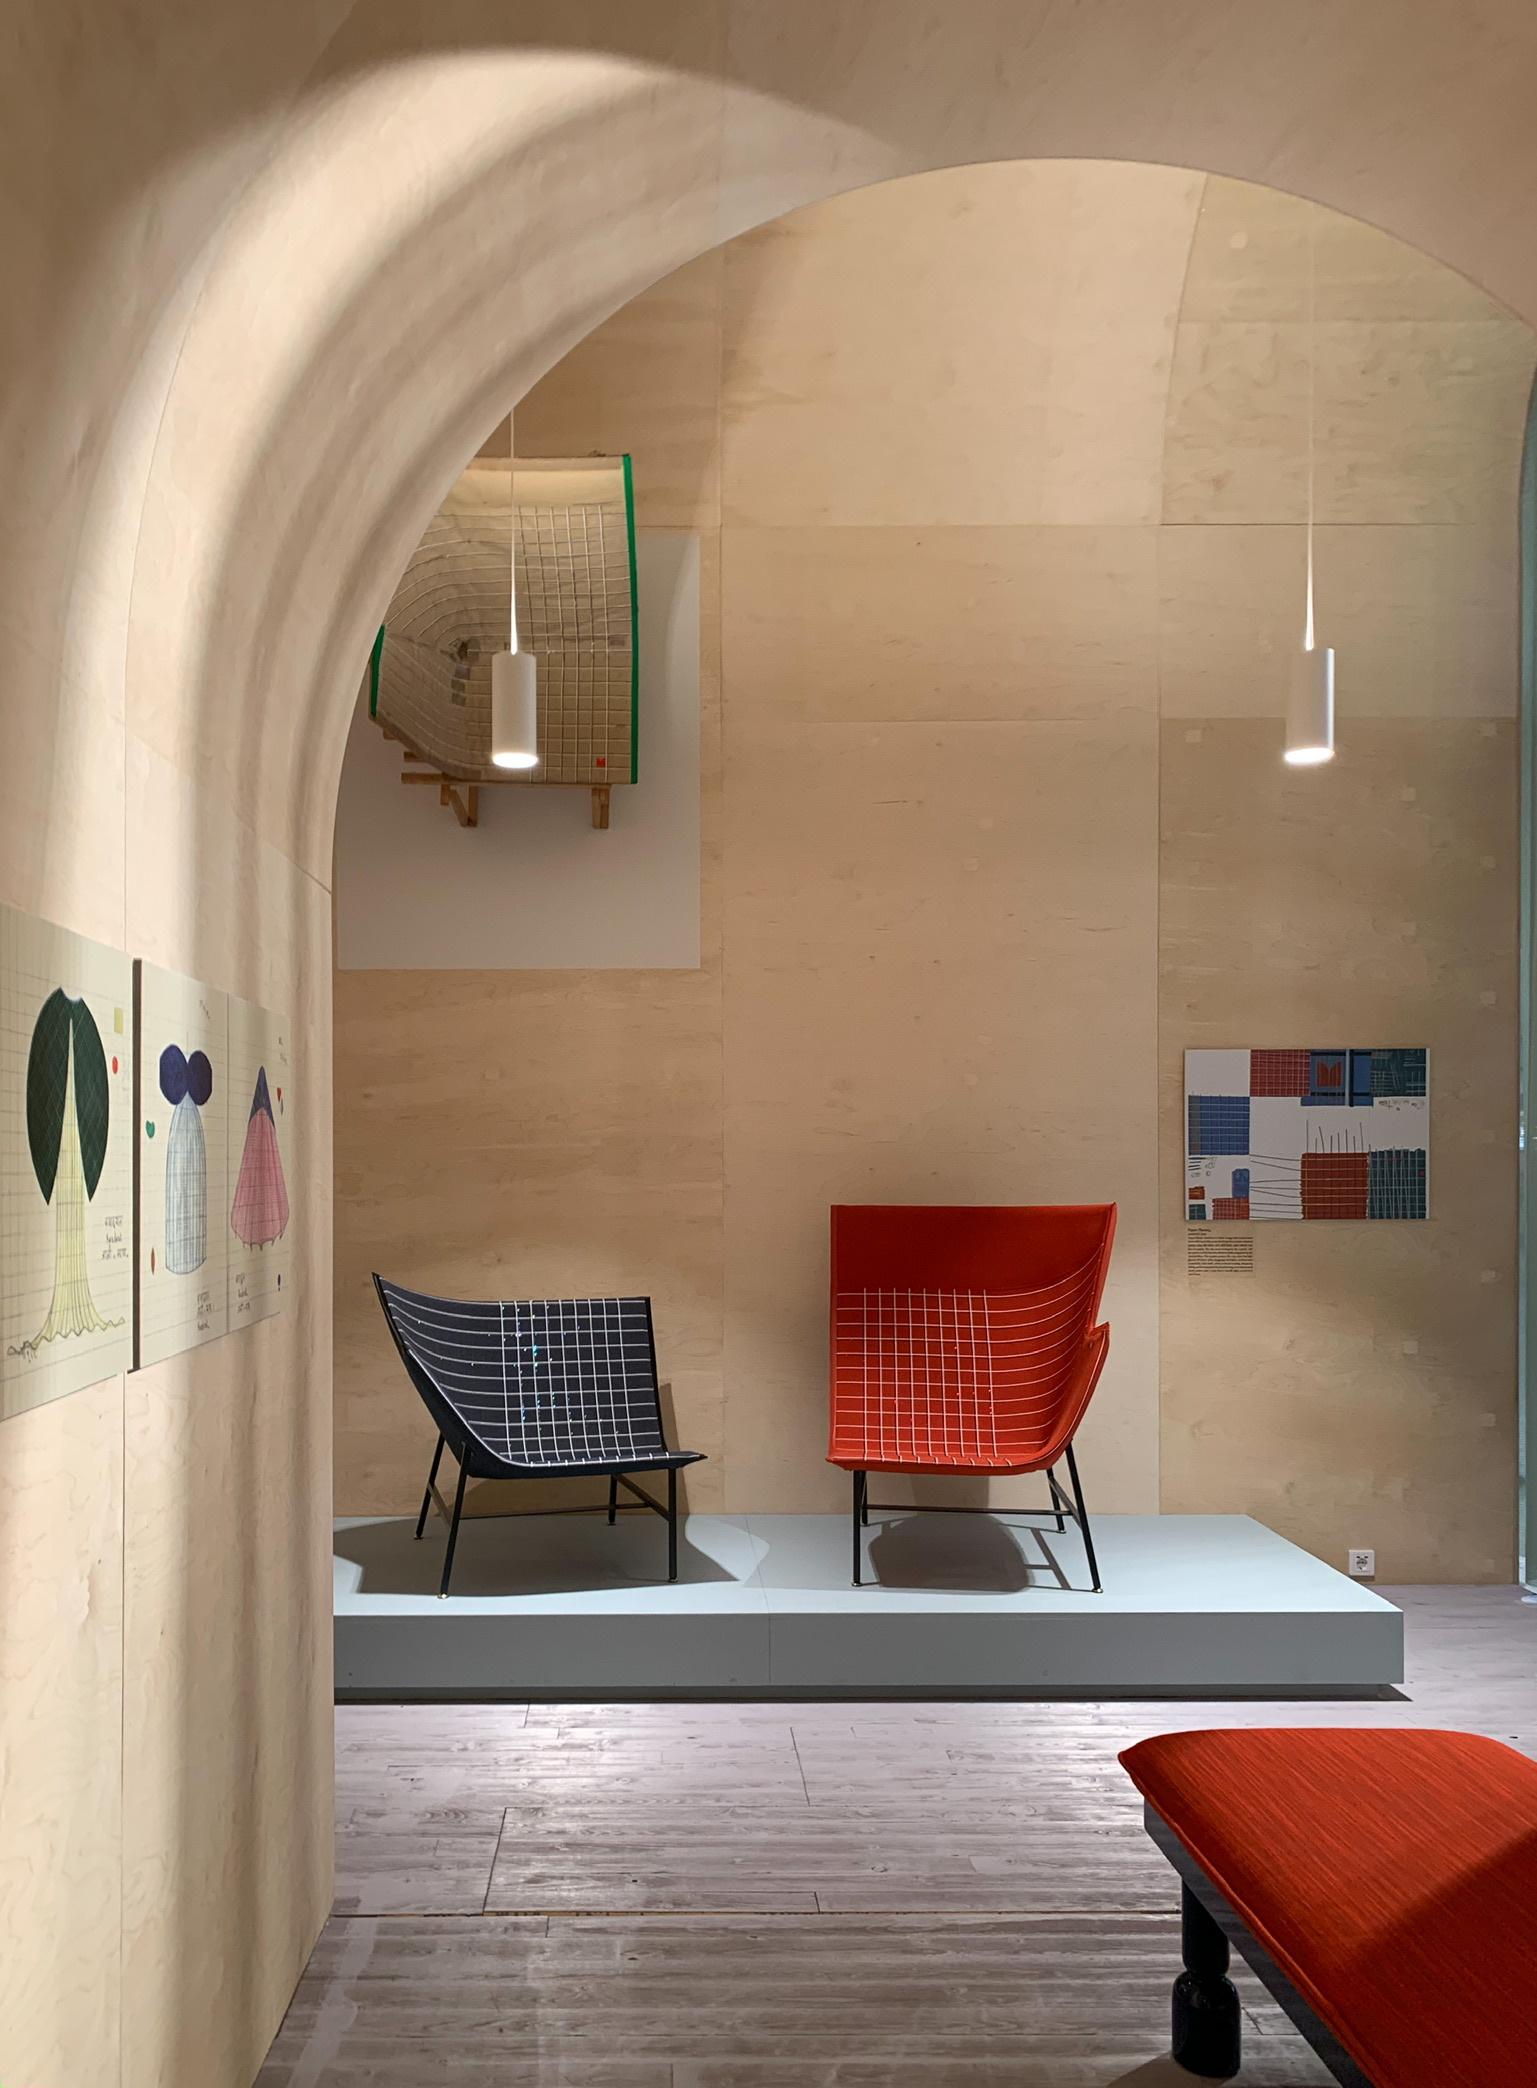 Неделя дизайна в Стокгольме 2020: блог бюро P+Z (галерея 8, фото 1)